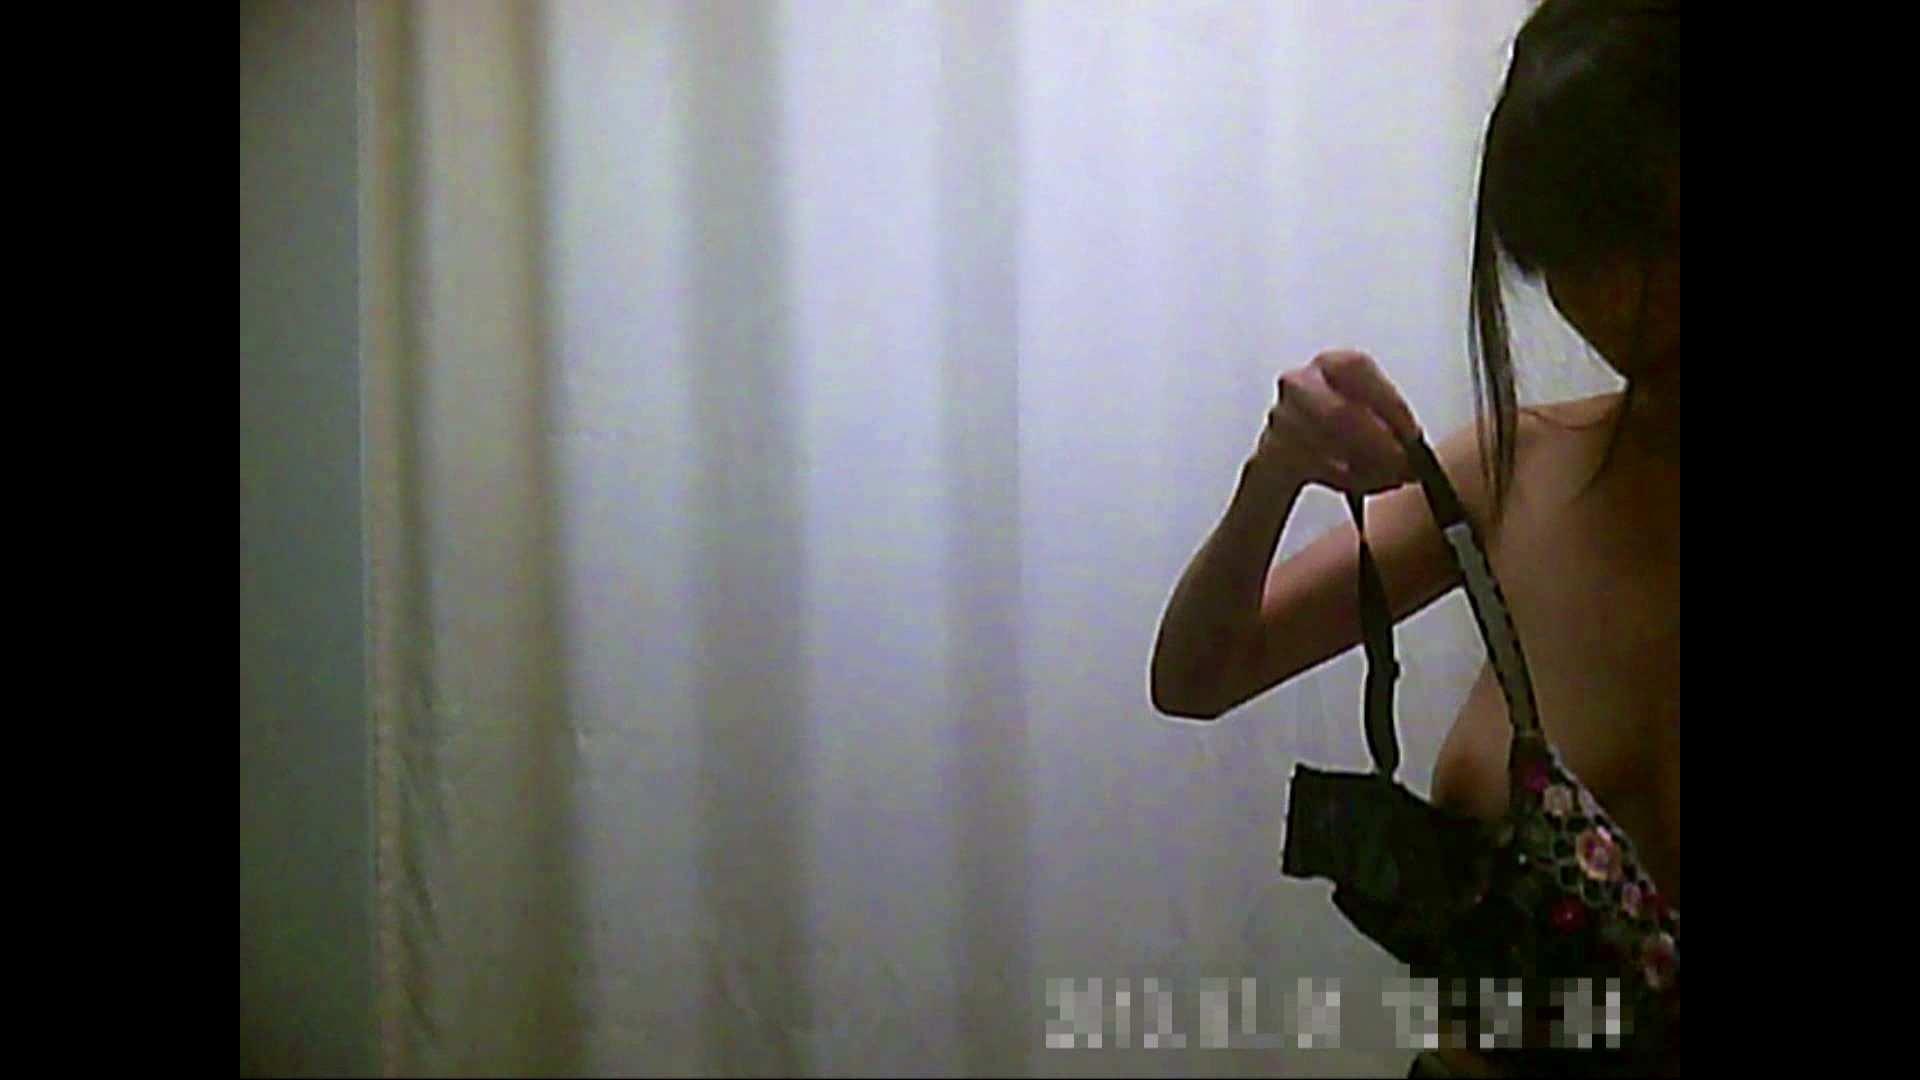 元医者による反抗 更衣室地獄絵巻 vol.039 ギャル達 オメコ動画キャプチャ 110枚 32